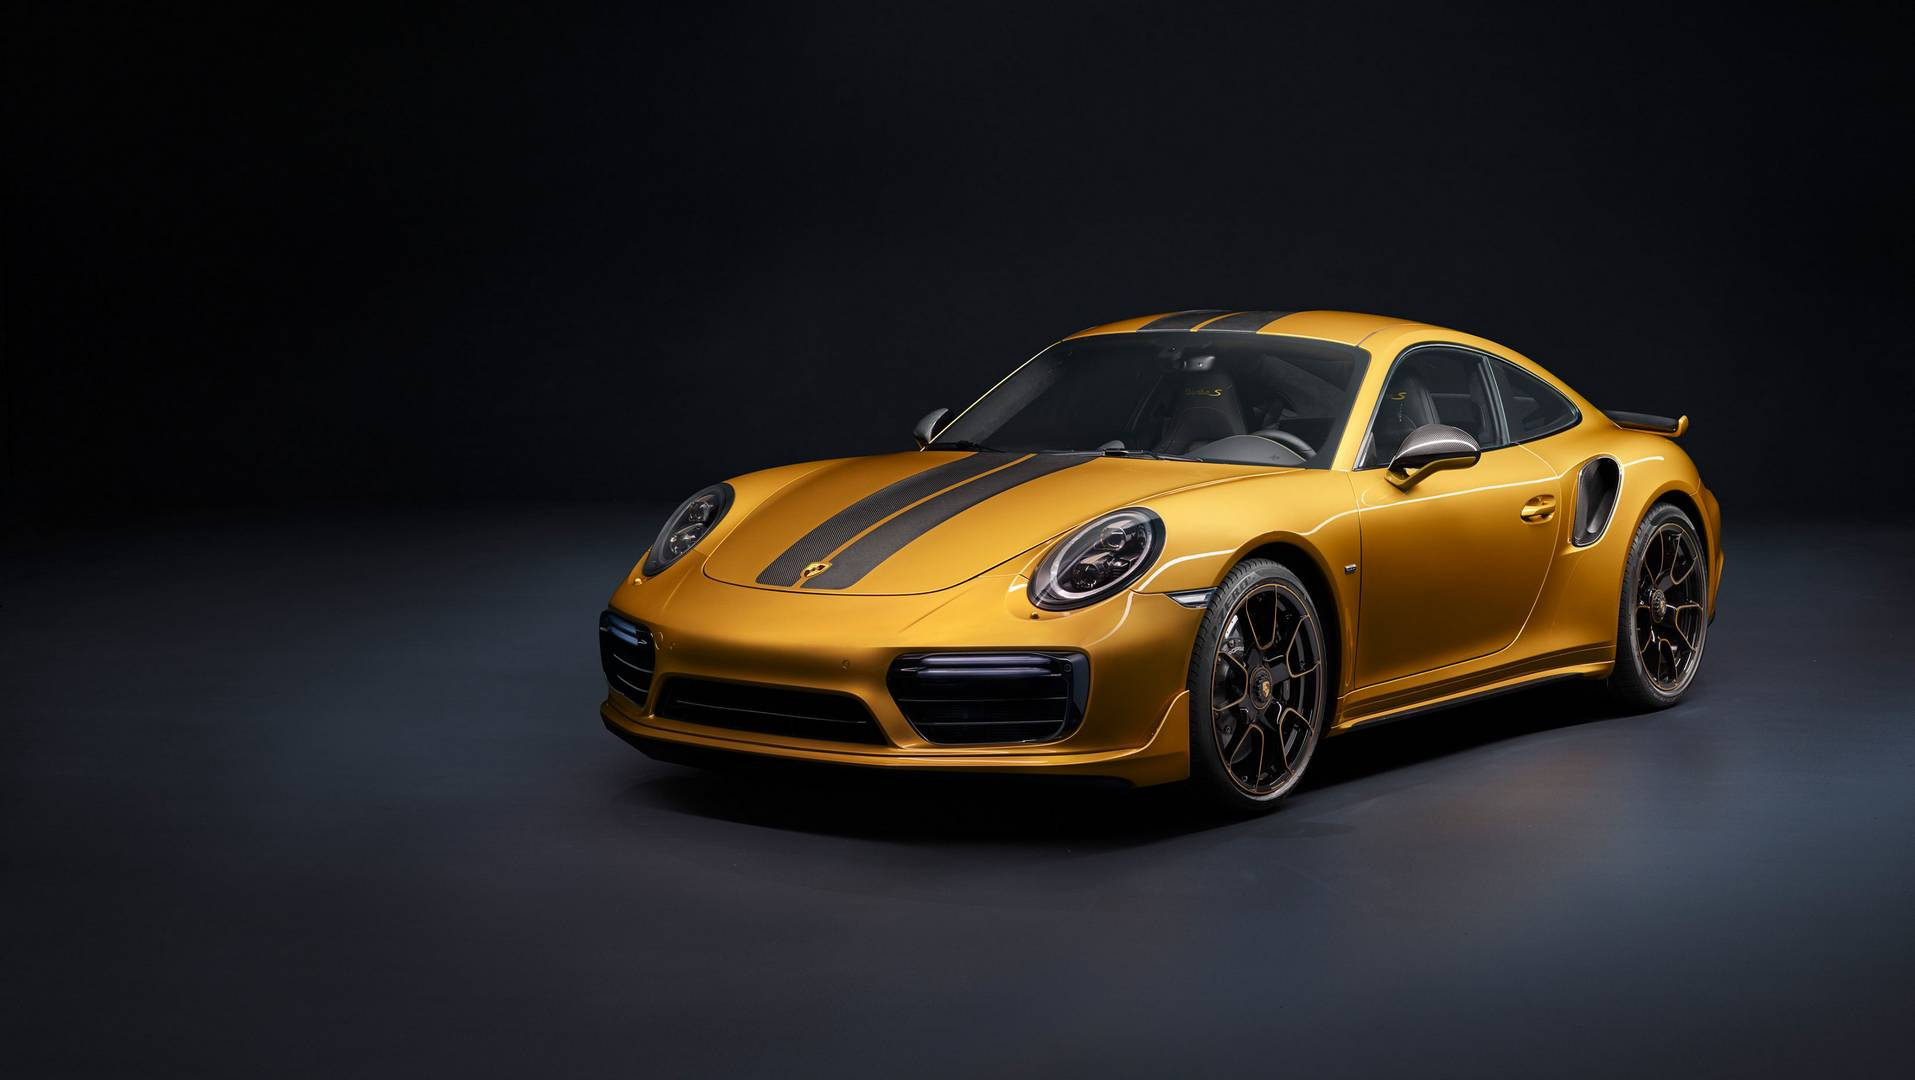 Porsche действительно превзошел себя еще раз и создал невероятный коллекционный автомобиль. Новый 911 Turbo S Exclusive Series - это гораздо больше, чем обычный Turbo S с причудливой окраской и некоторым количеством карбона. Это настоящее воплощение